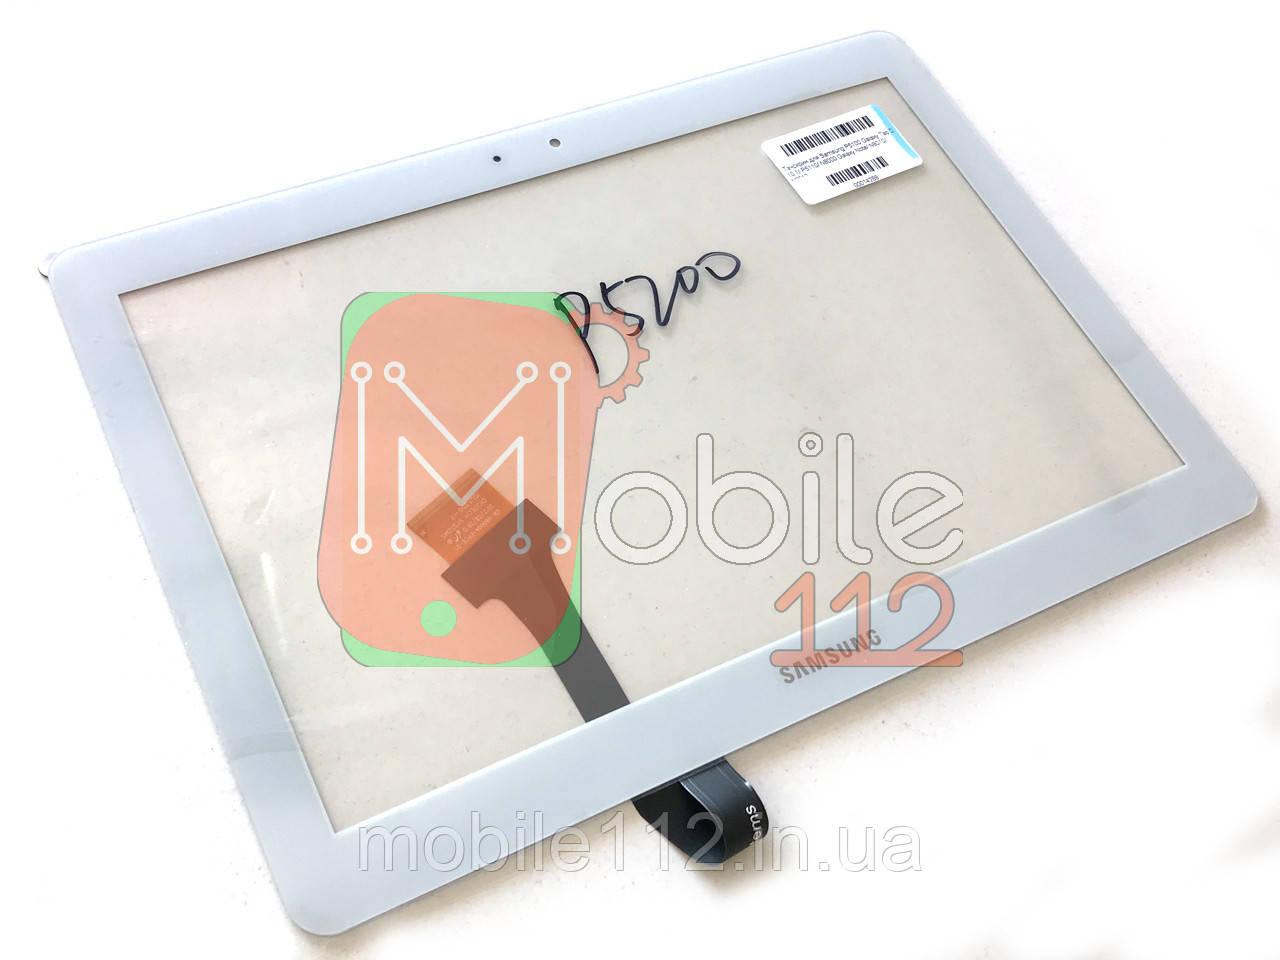 Сенсор (тачскрин) Samsung Galaxy Tab 3 10.1 P5200 P5210 белый